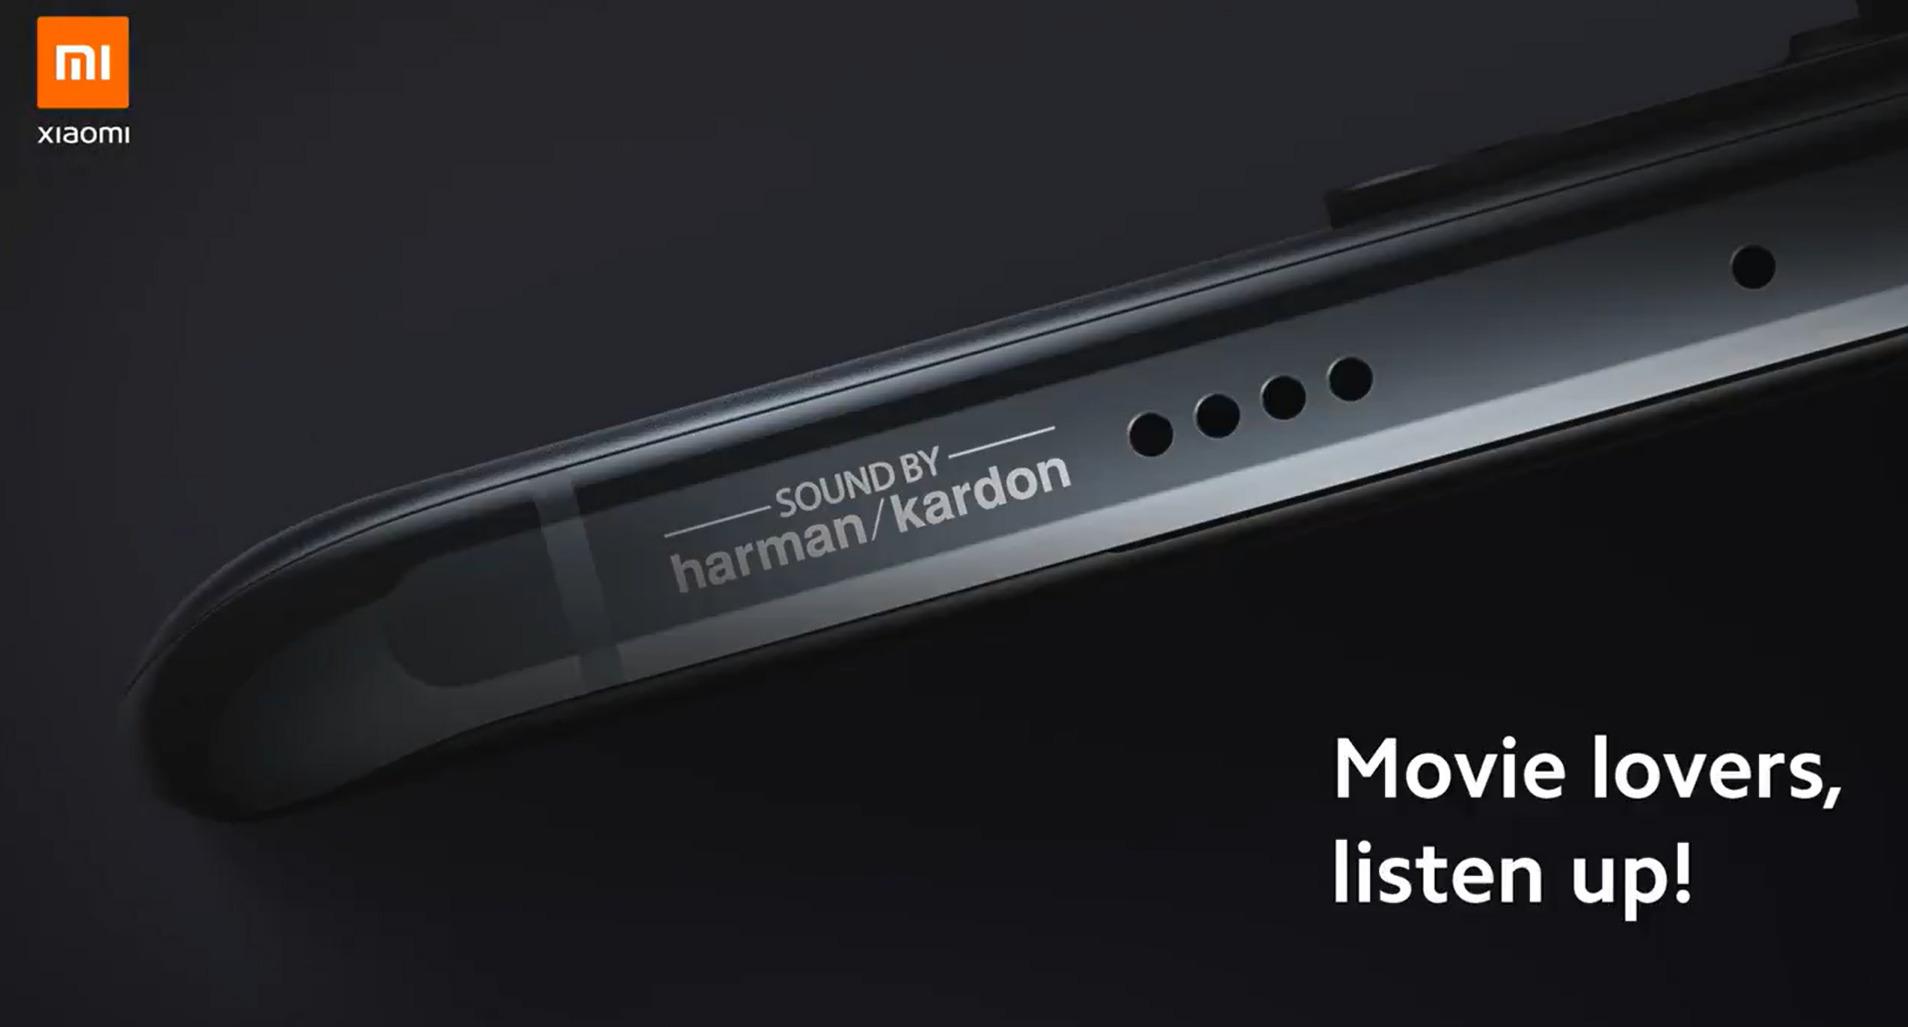 Xiaomi Mi 11 : avec Harman Kardon, il compte mettre le paquet sur l'audio - Frandroid